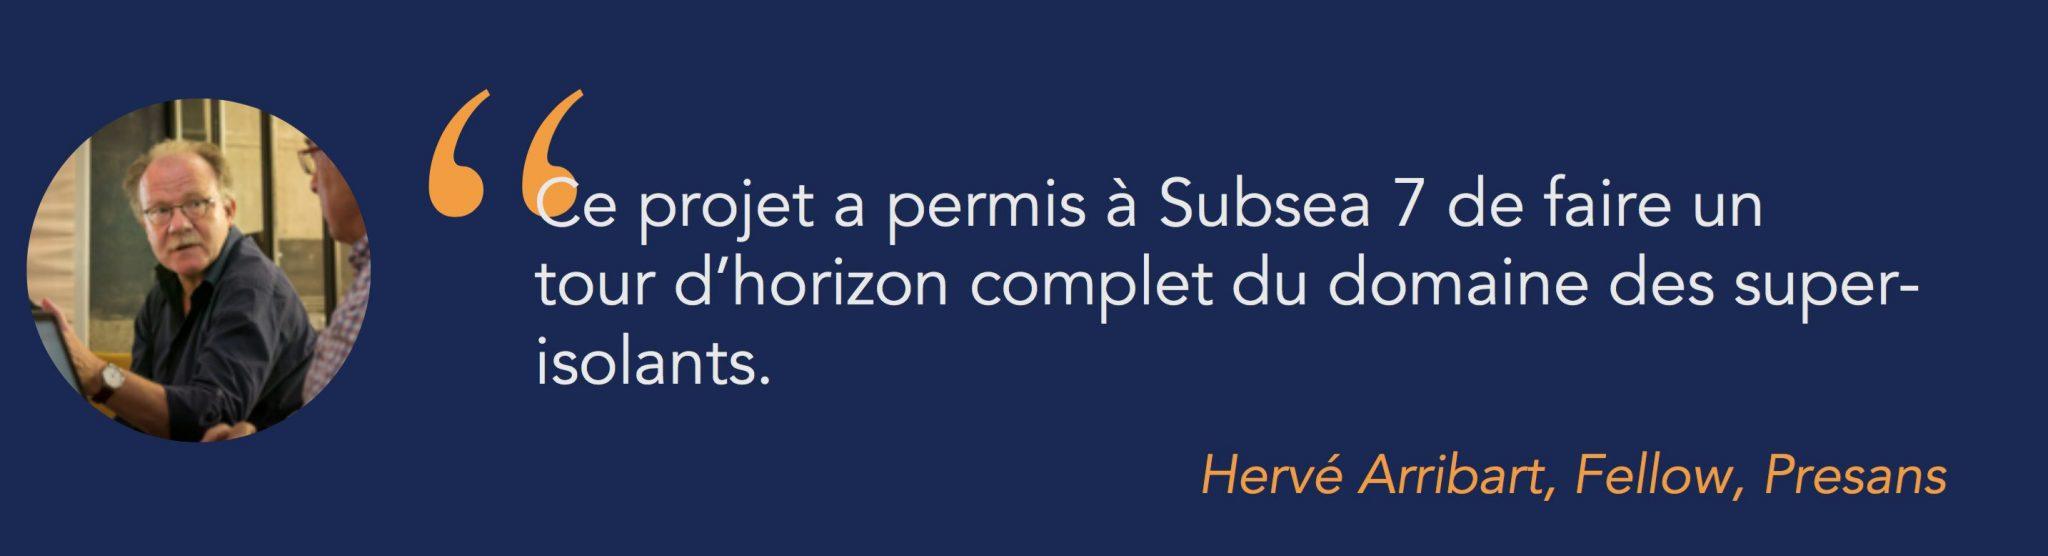 Étude de cas : survol des super-isolants thermiques pour Subsea7